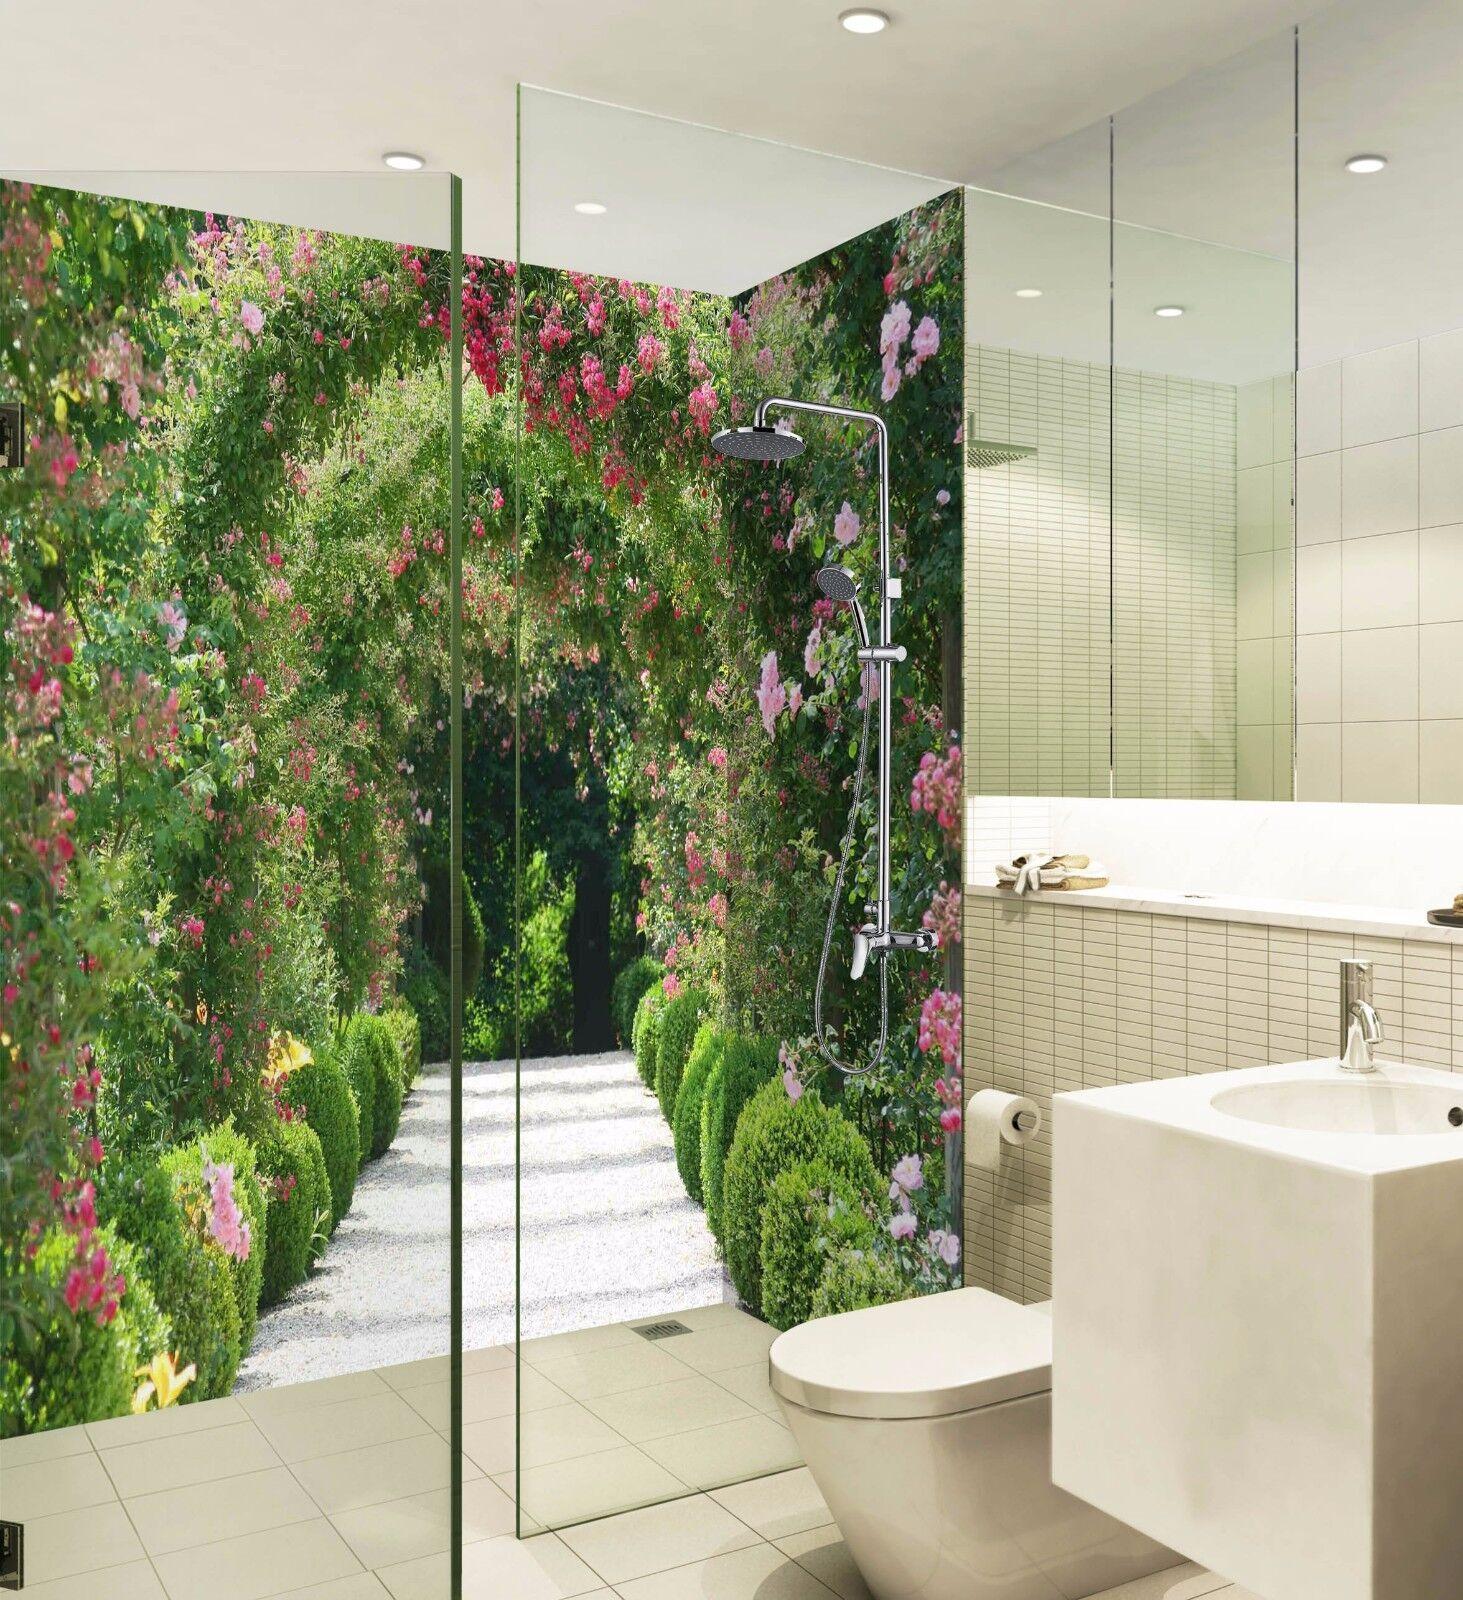 3D Vines Arch WallPaper Bathroom Print Decal Wall Deco AJ WALLPAPER UK